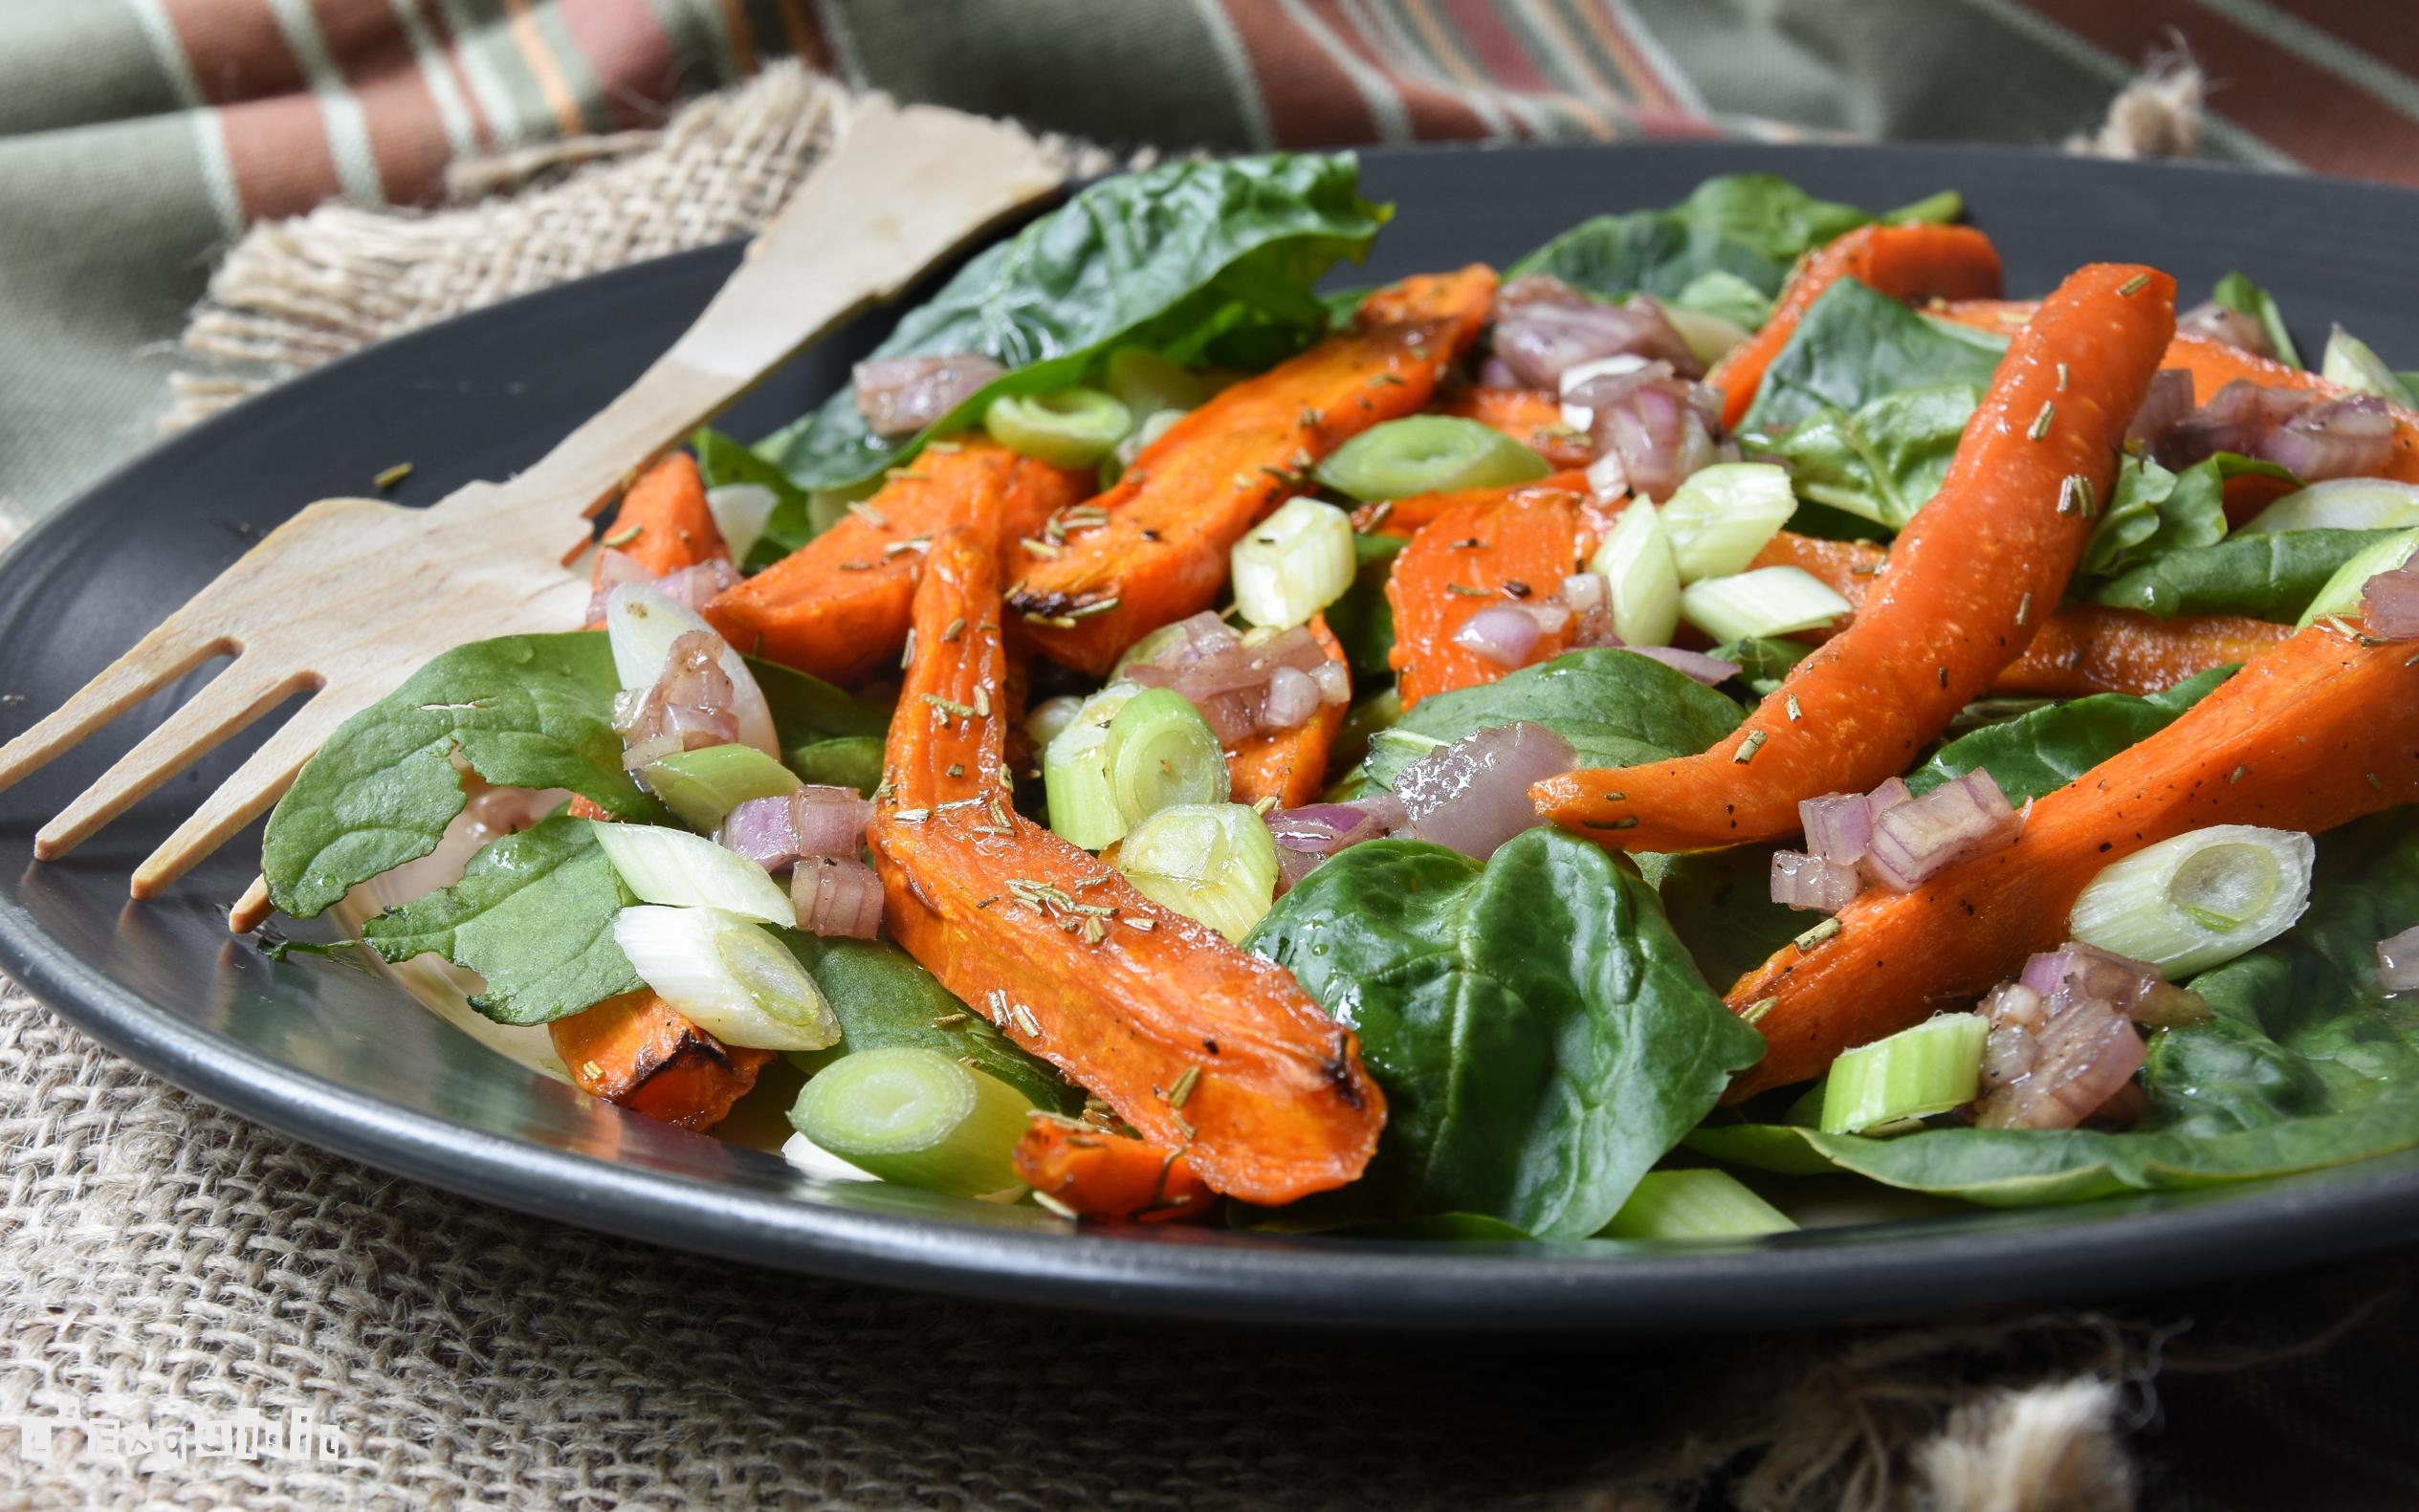 ensalada-templada-de-zanahorias-y-espinacas-3